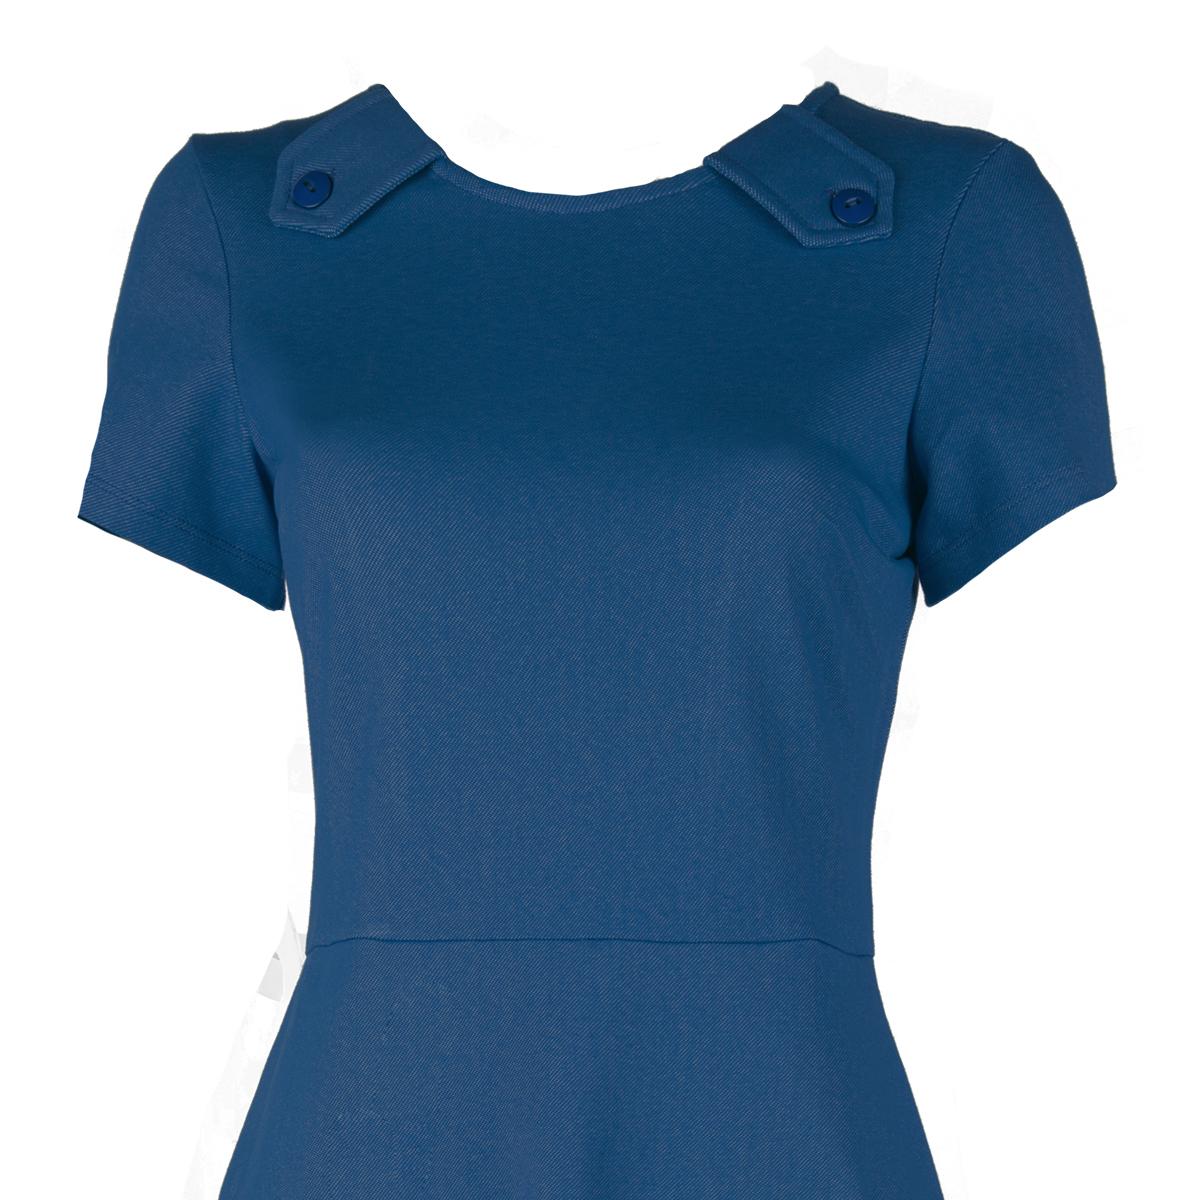 Tant Sofia - Johnny klänning blå, WTG